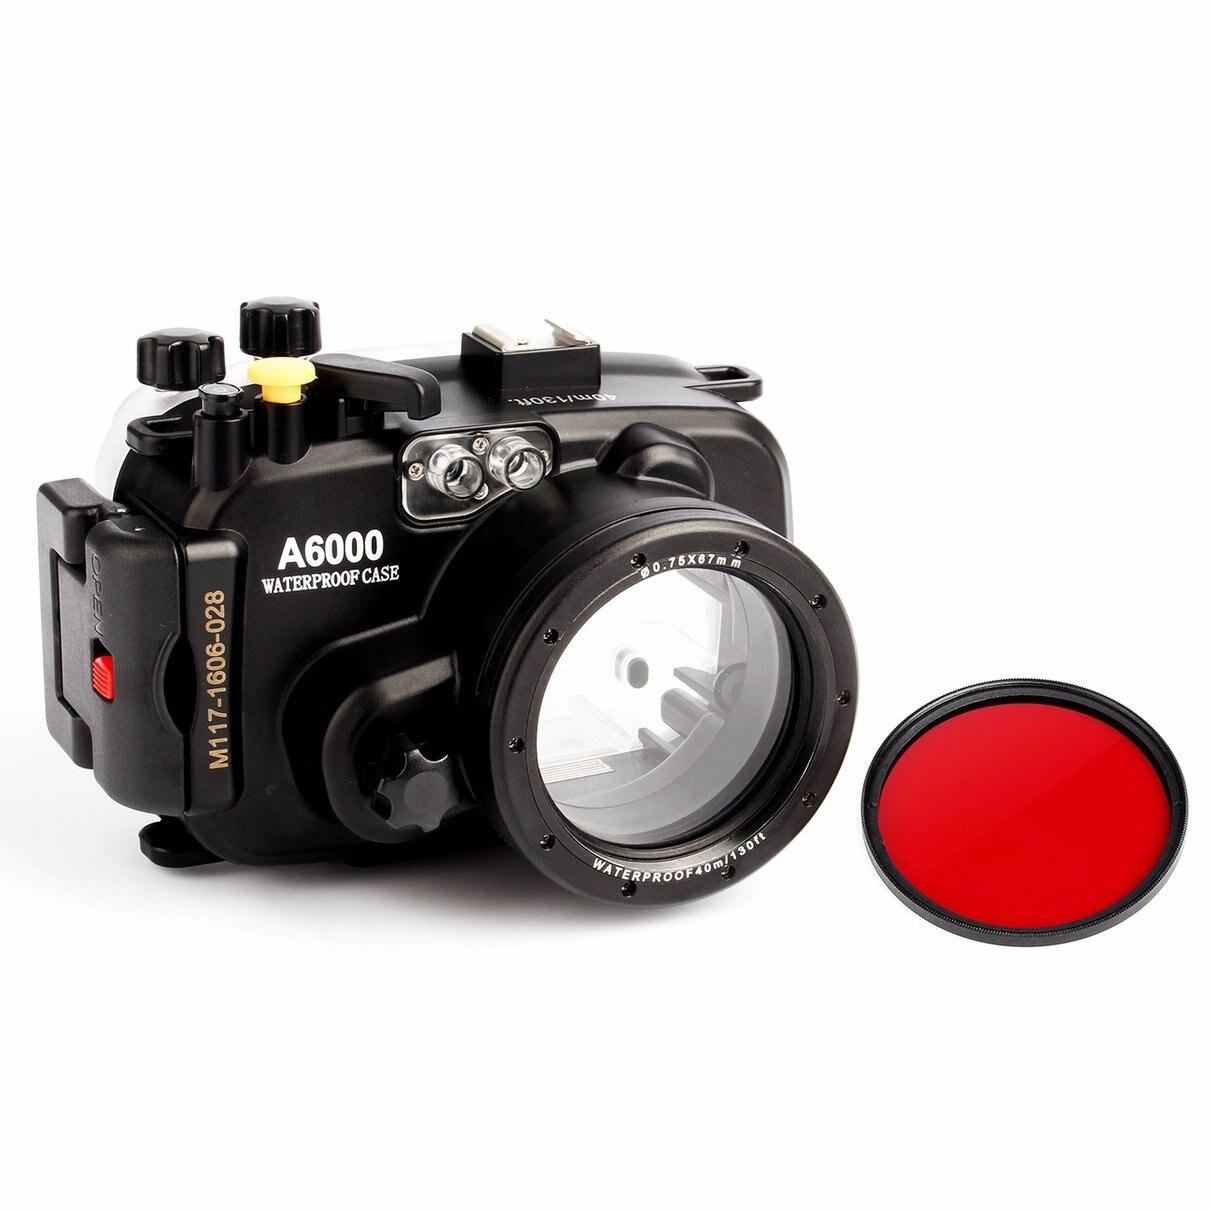 Meikon 40 m/130ft boîtier de boîtier de caméra étanche sous-marine pour Sony A6000 16-50 objectif + filtre rouge